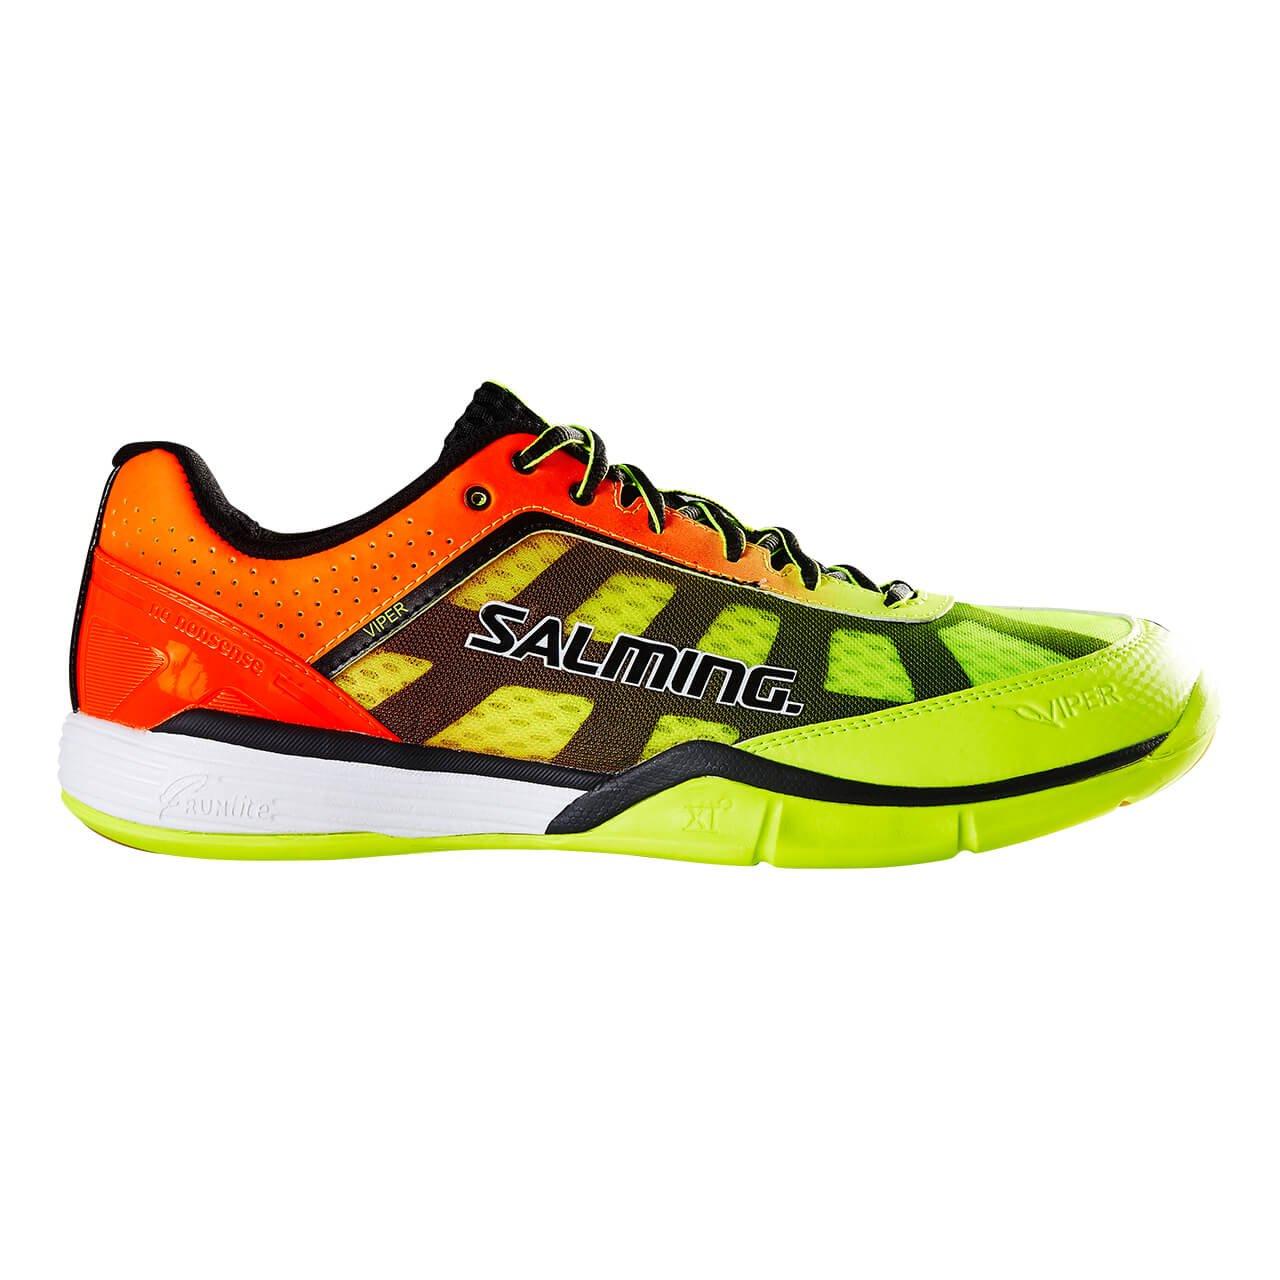 Salming Viper 4 Men's Indoor Court Shoe Yellow/Orange (8)